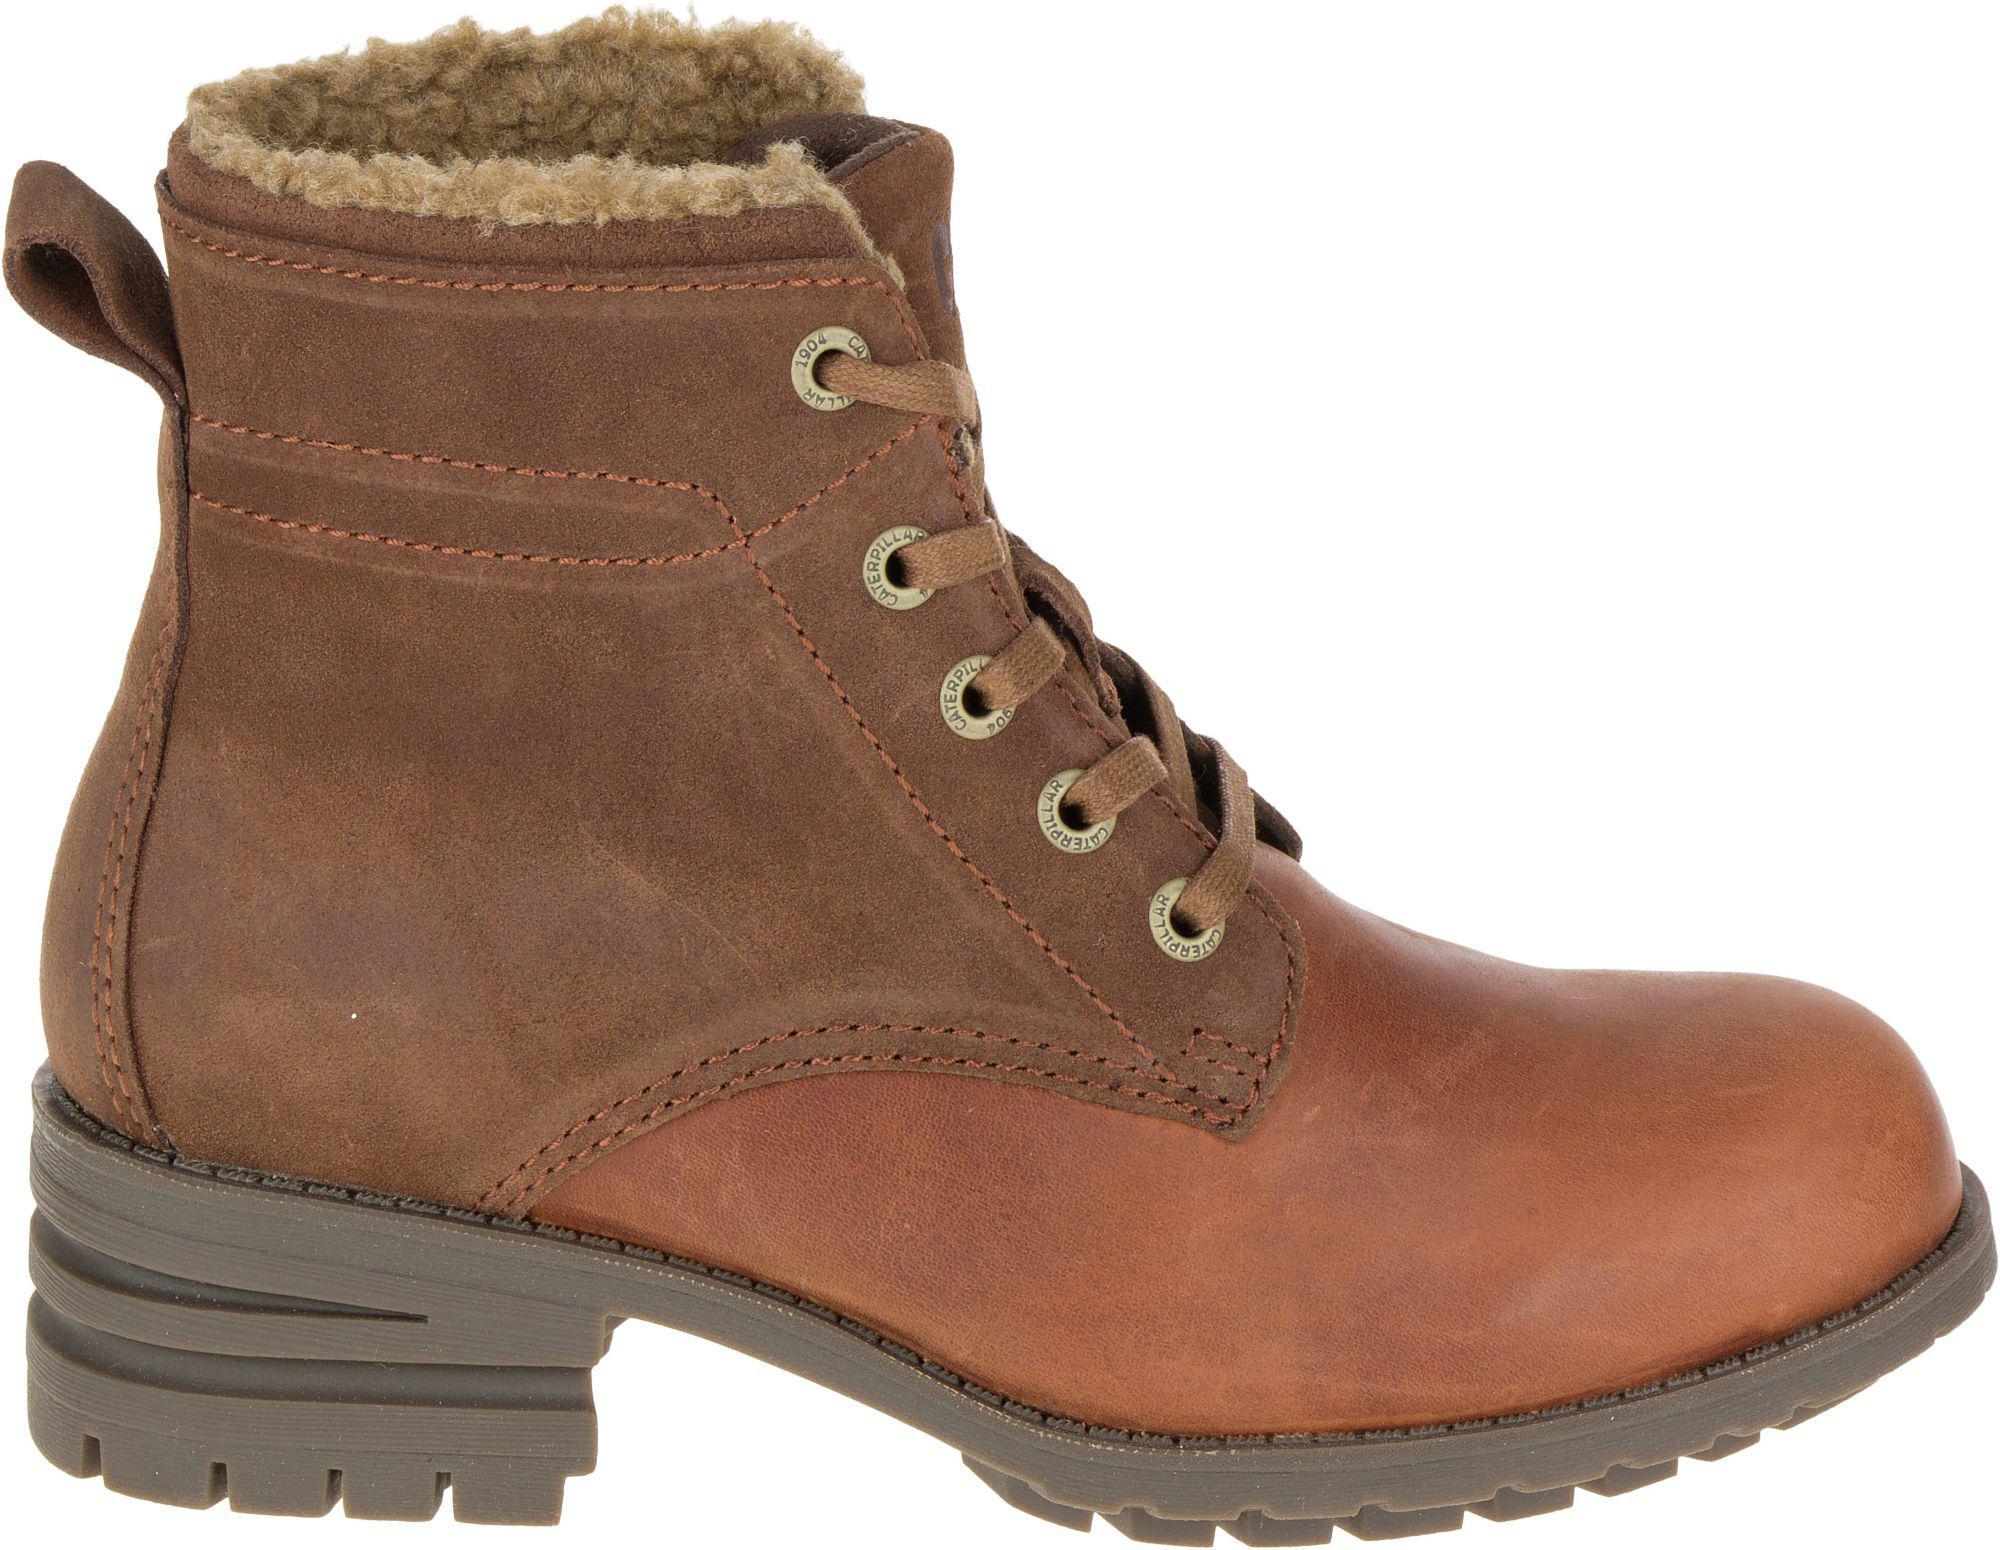 Caterpillar Teegan Ankle Boot (Women's) 5o2lSu